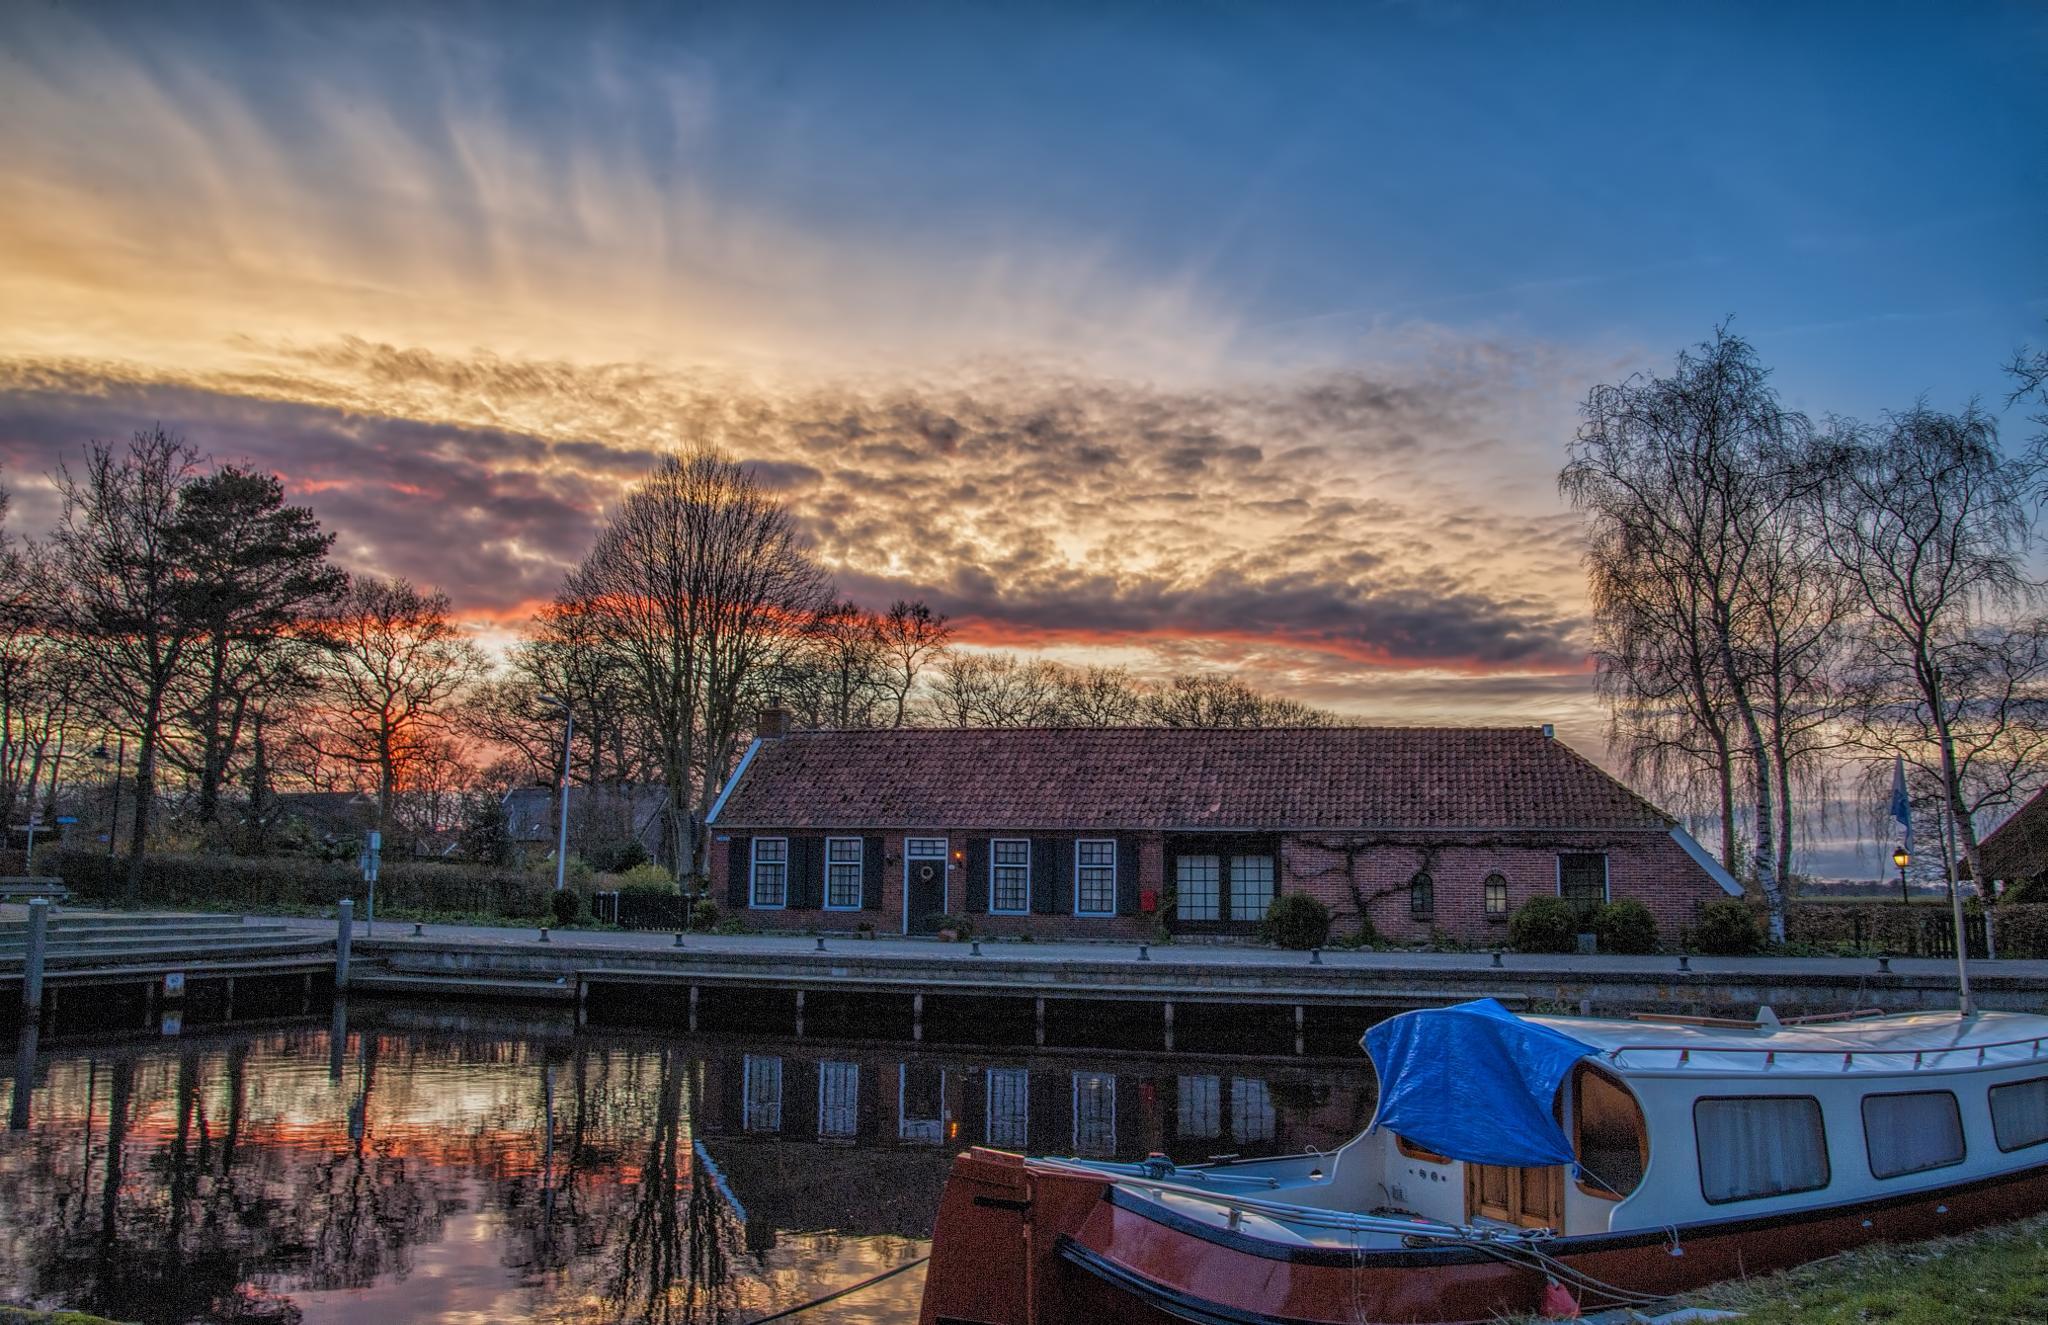 Noordlaren Harber Sunset by R van Wijk